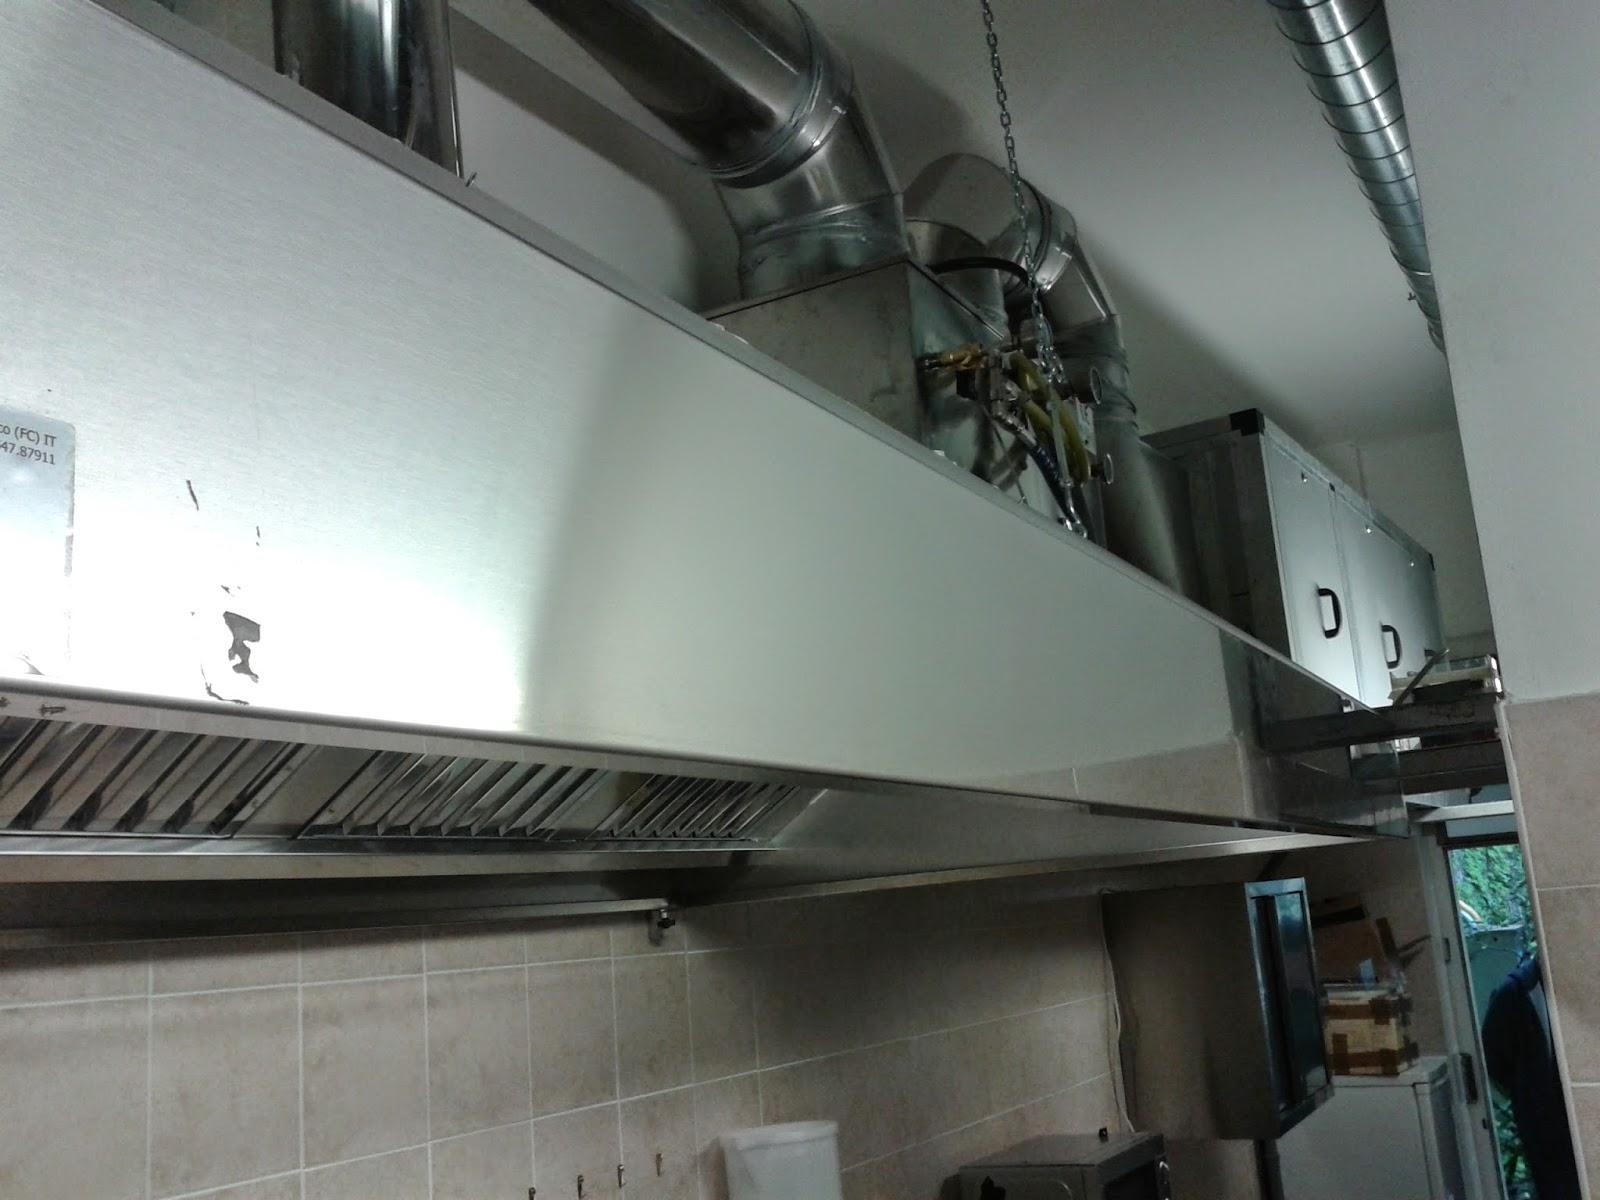 Pulizia cappe aspiranti cucine il genio della limpida - Cappa aspirante cucina senza canna fumaria ...